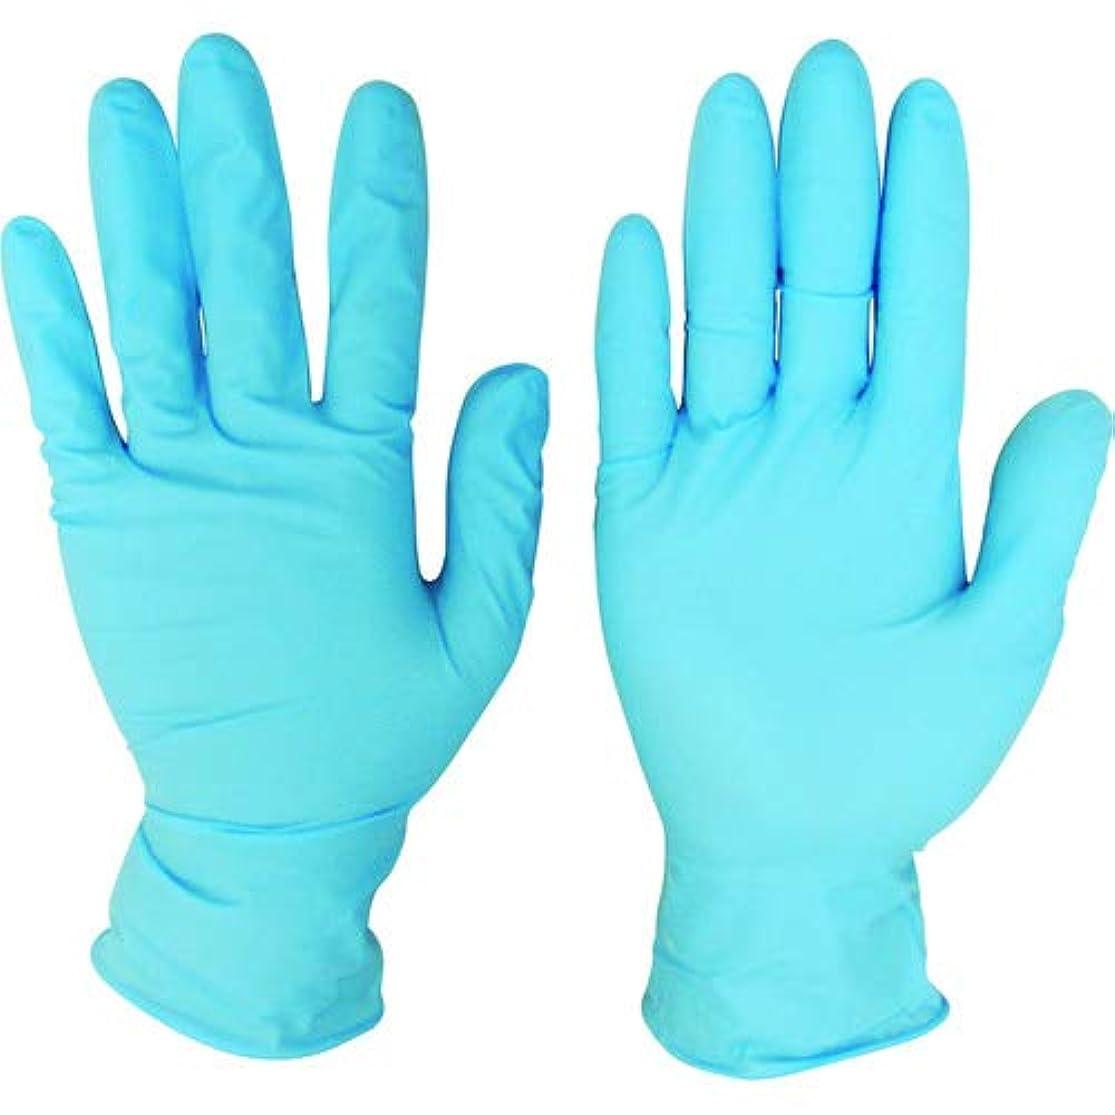 役に立つ日焼け照らすニトリルディスポ手袋 青 No.210 パウダーフリー(100枚入)M